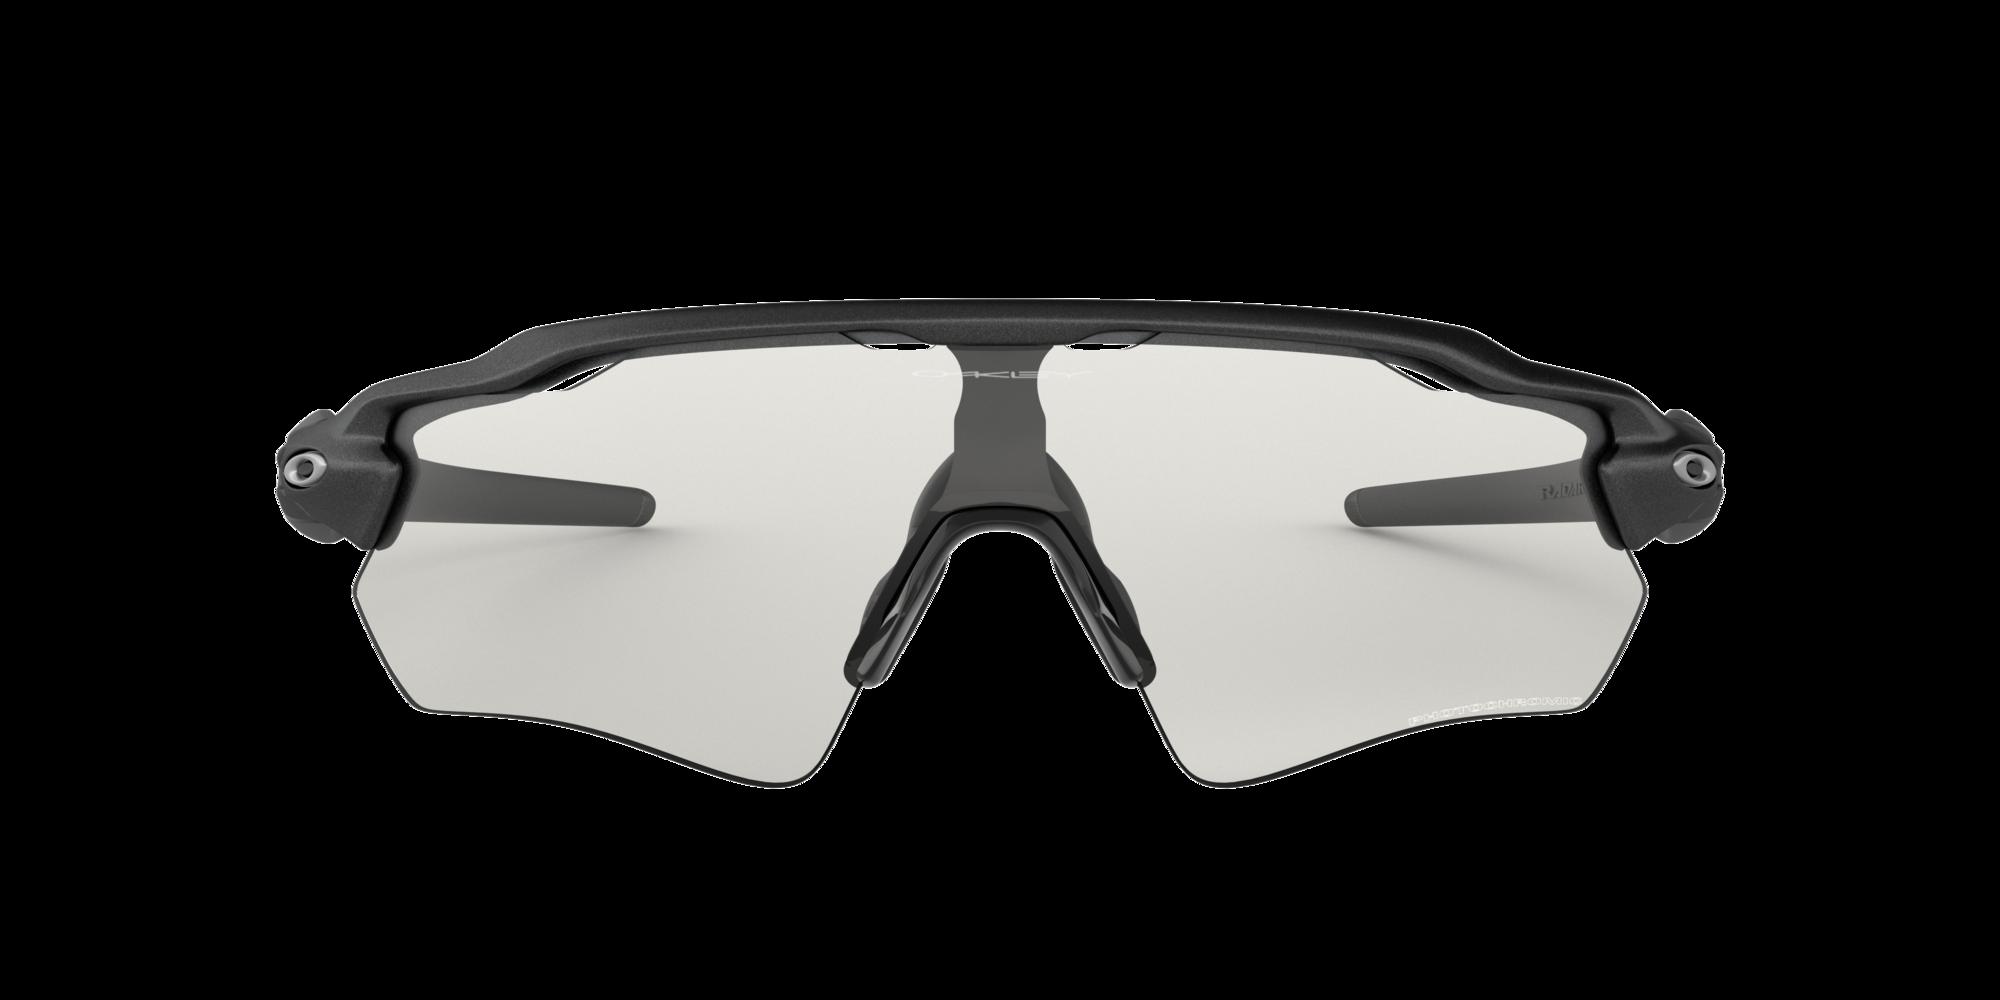 Imagen para OO9208 38 RADAR EV PATH de LensCrafters |  Espejuelos, espejuelos graduados en línea, gafas